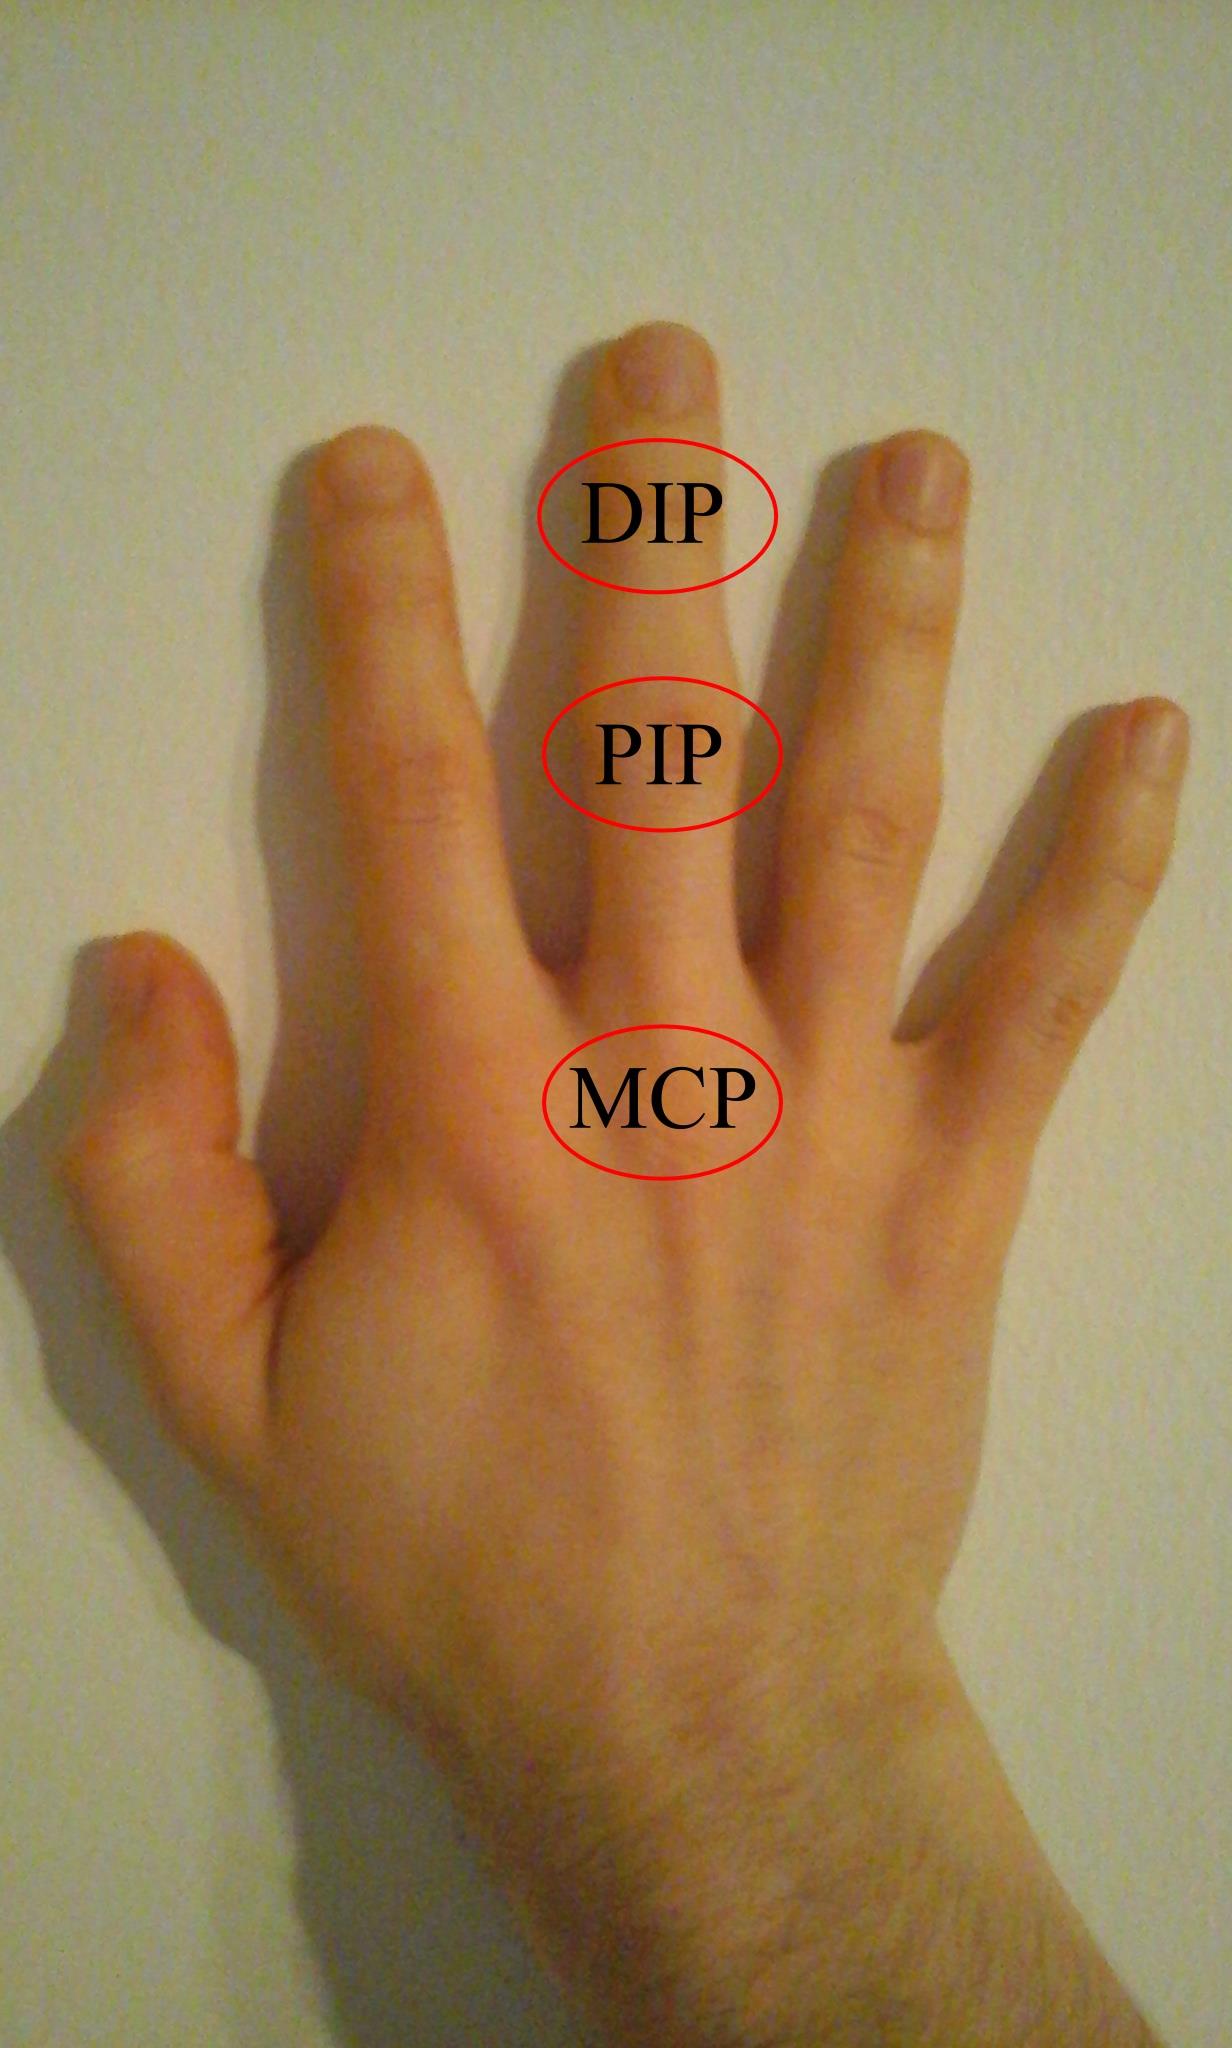 hogy néznek ki az ízületek a rheumatoid arthritisben